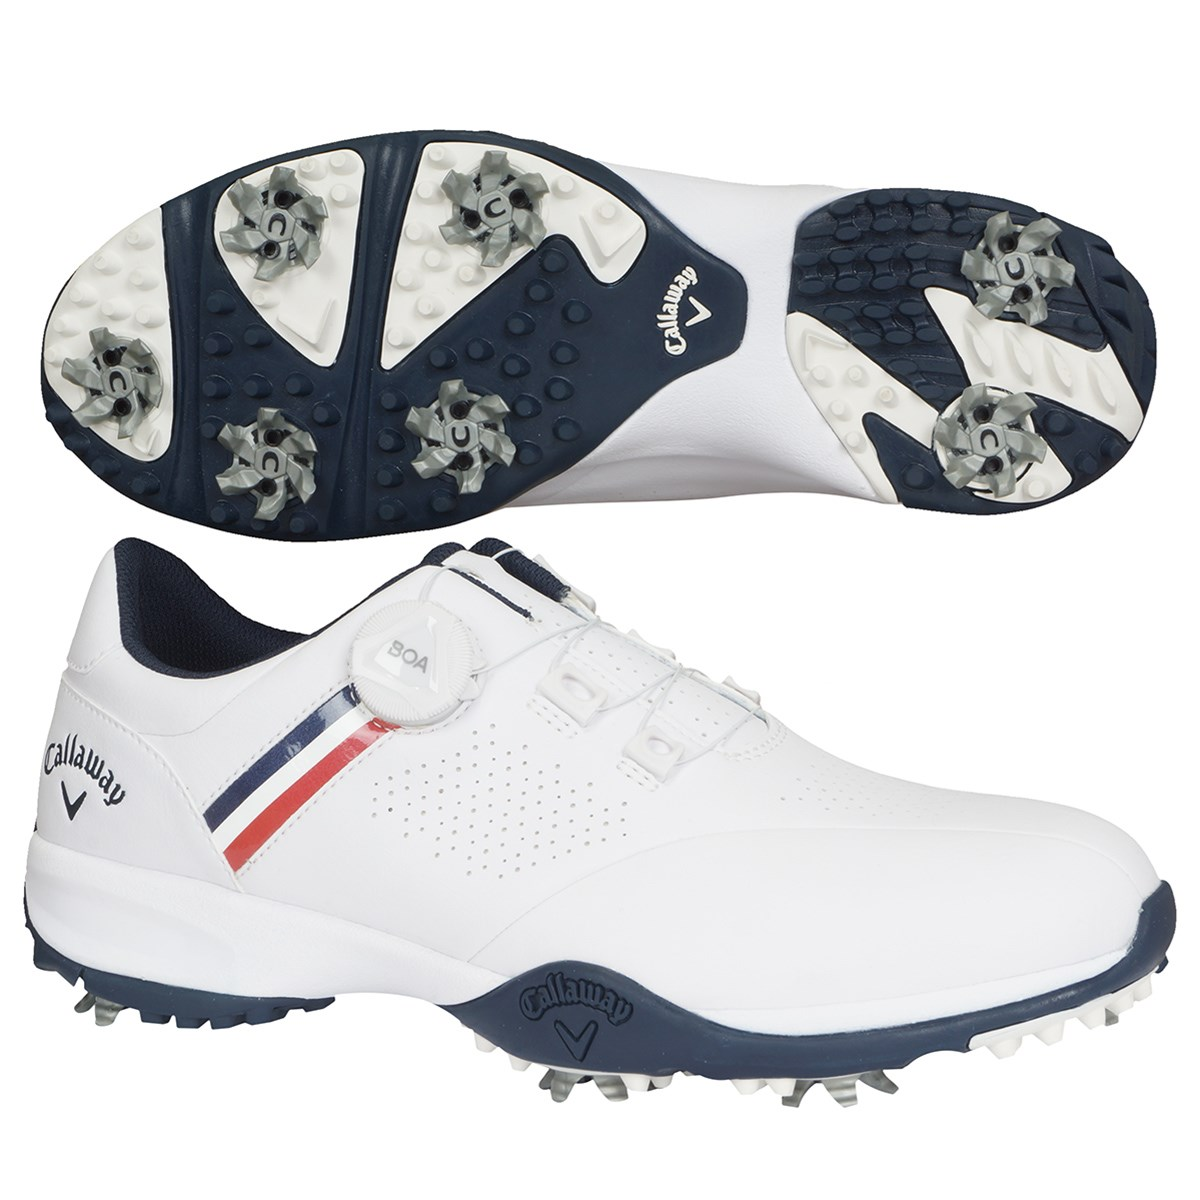 キャロウェイゴルフ Callaway Golf AEROSPORT BOA 20 ゴルフシューズ 26.5cm ホワイト/ネイビー 031